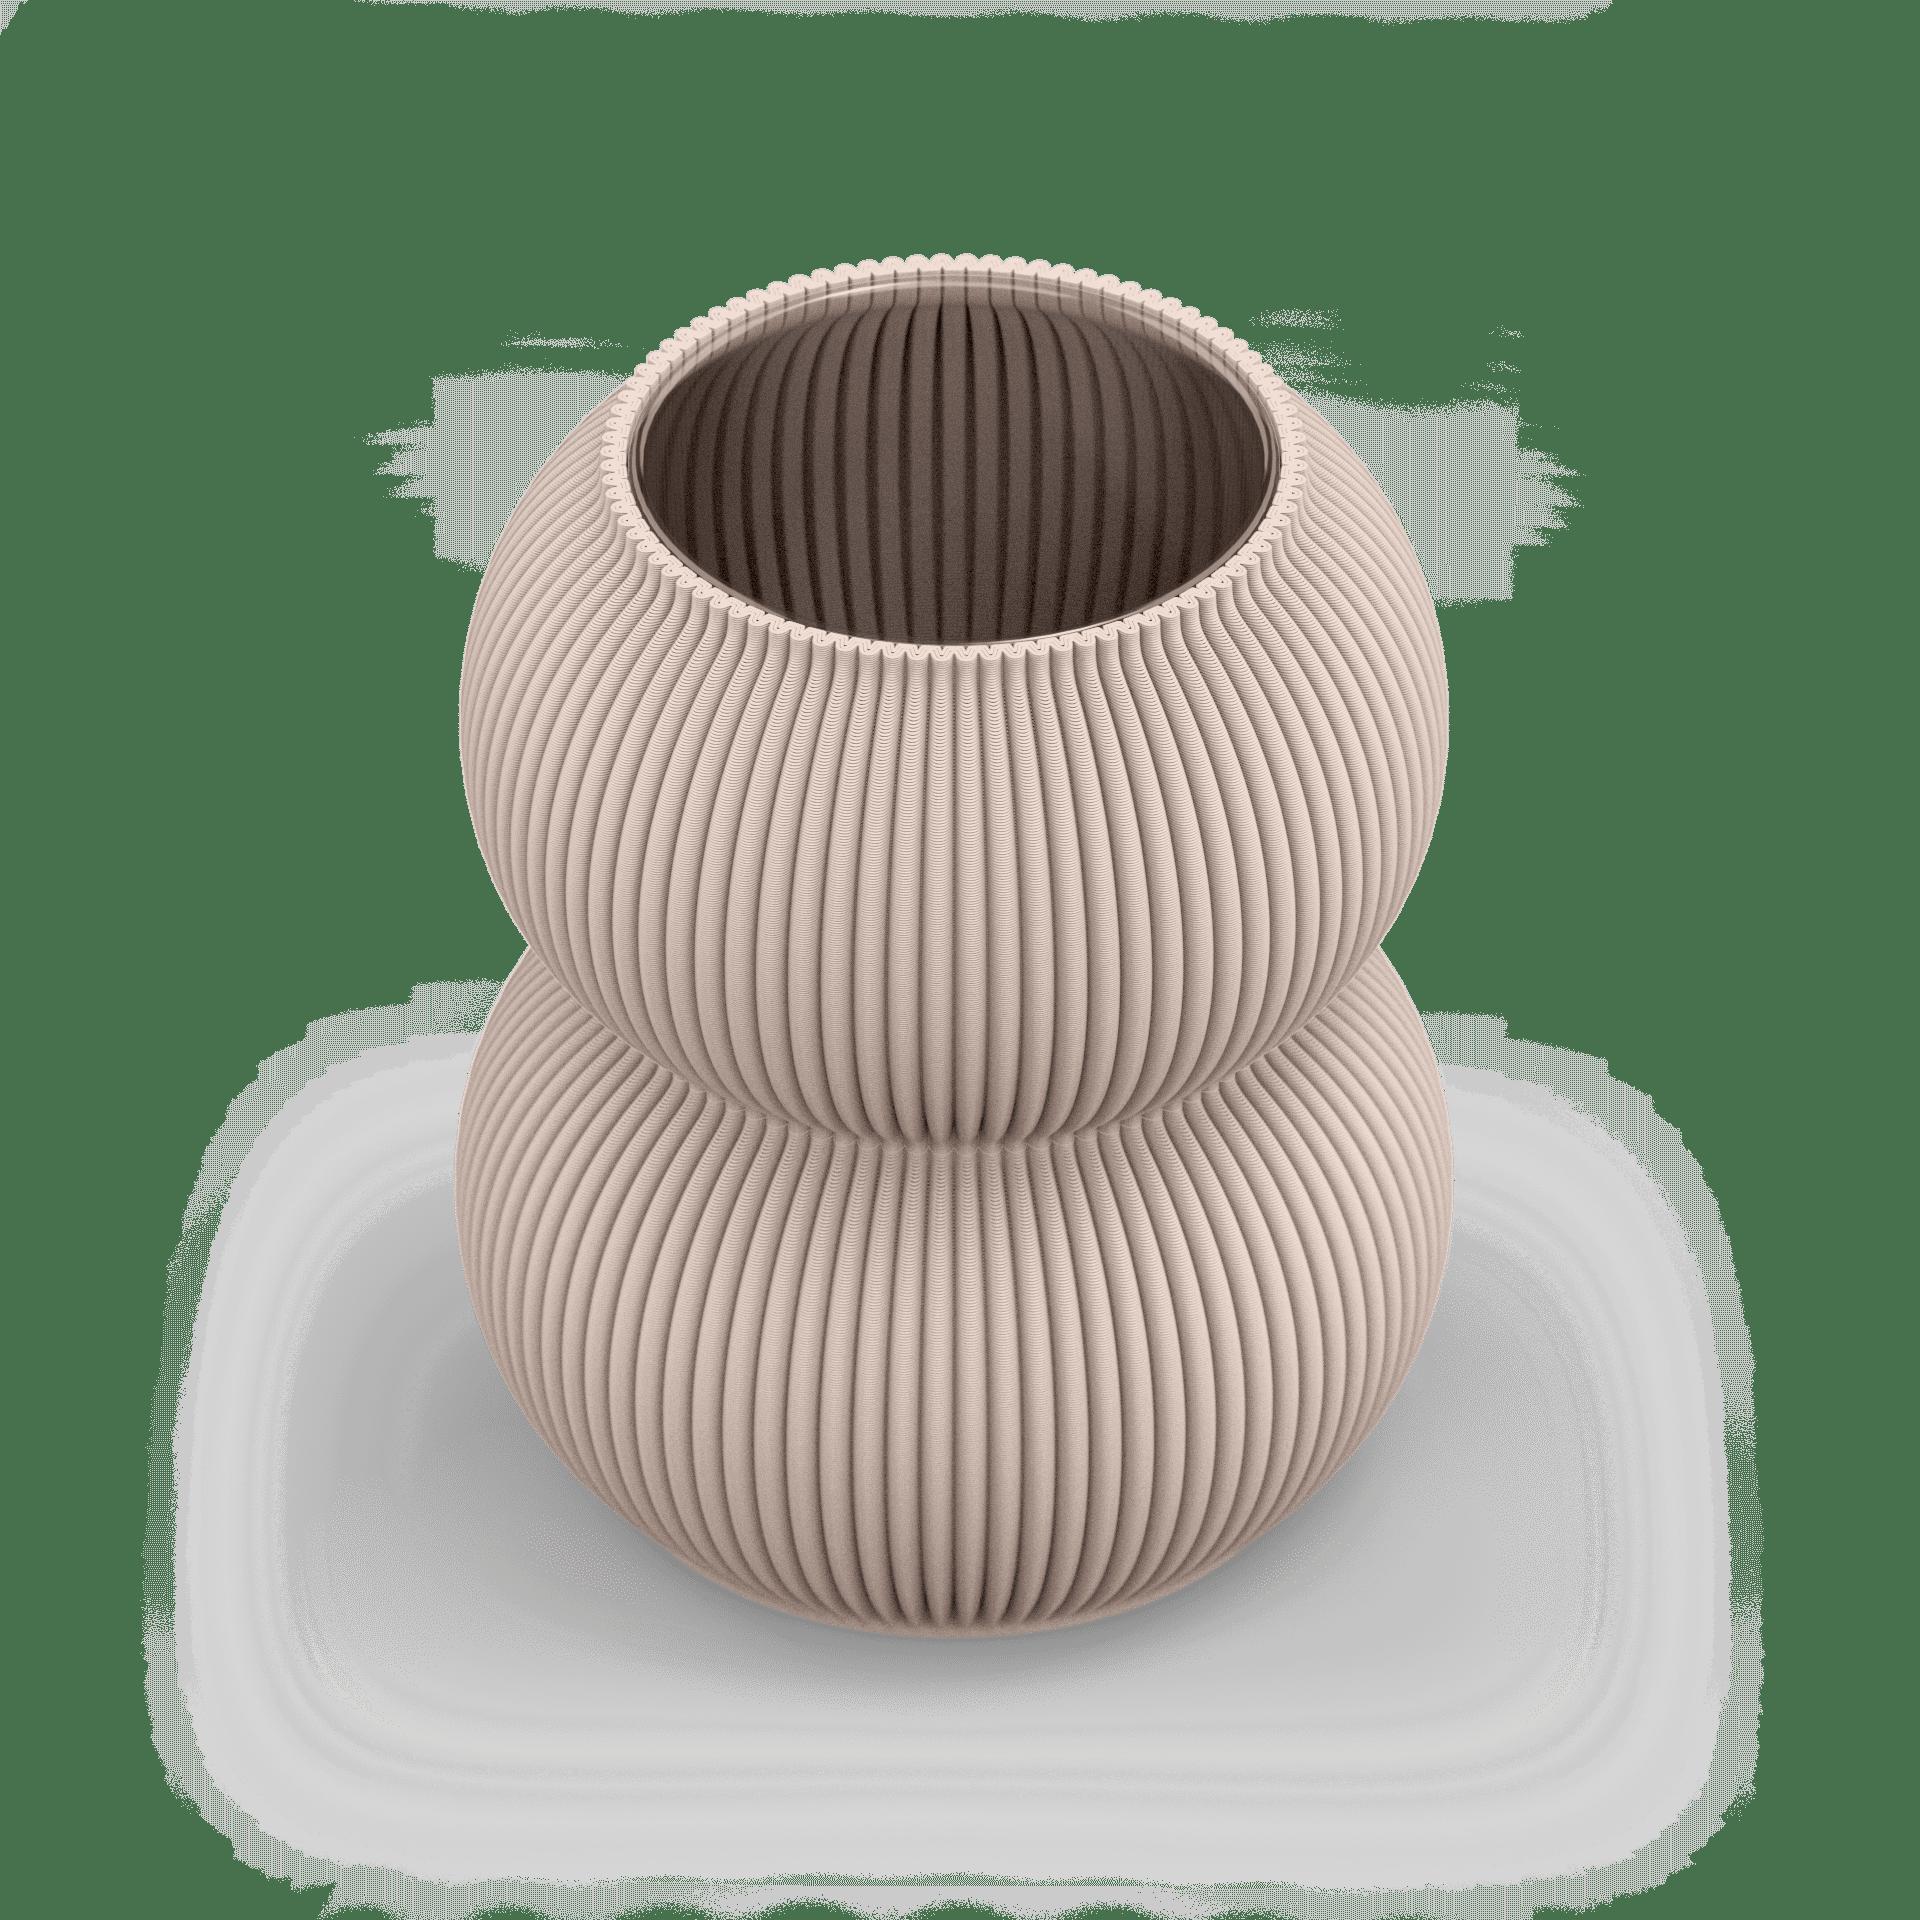 Zayl 159g Vase Lark Beige